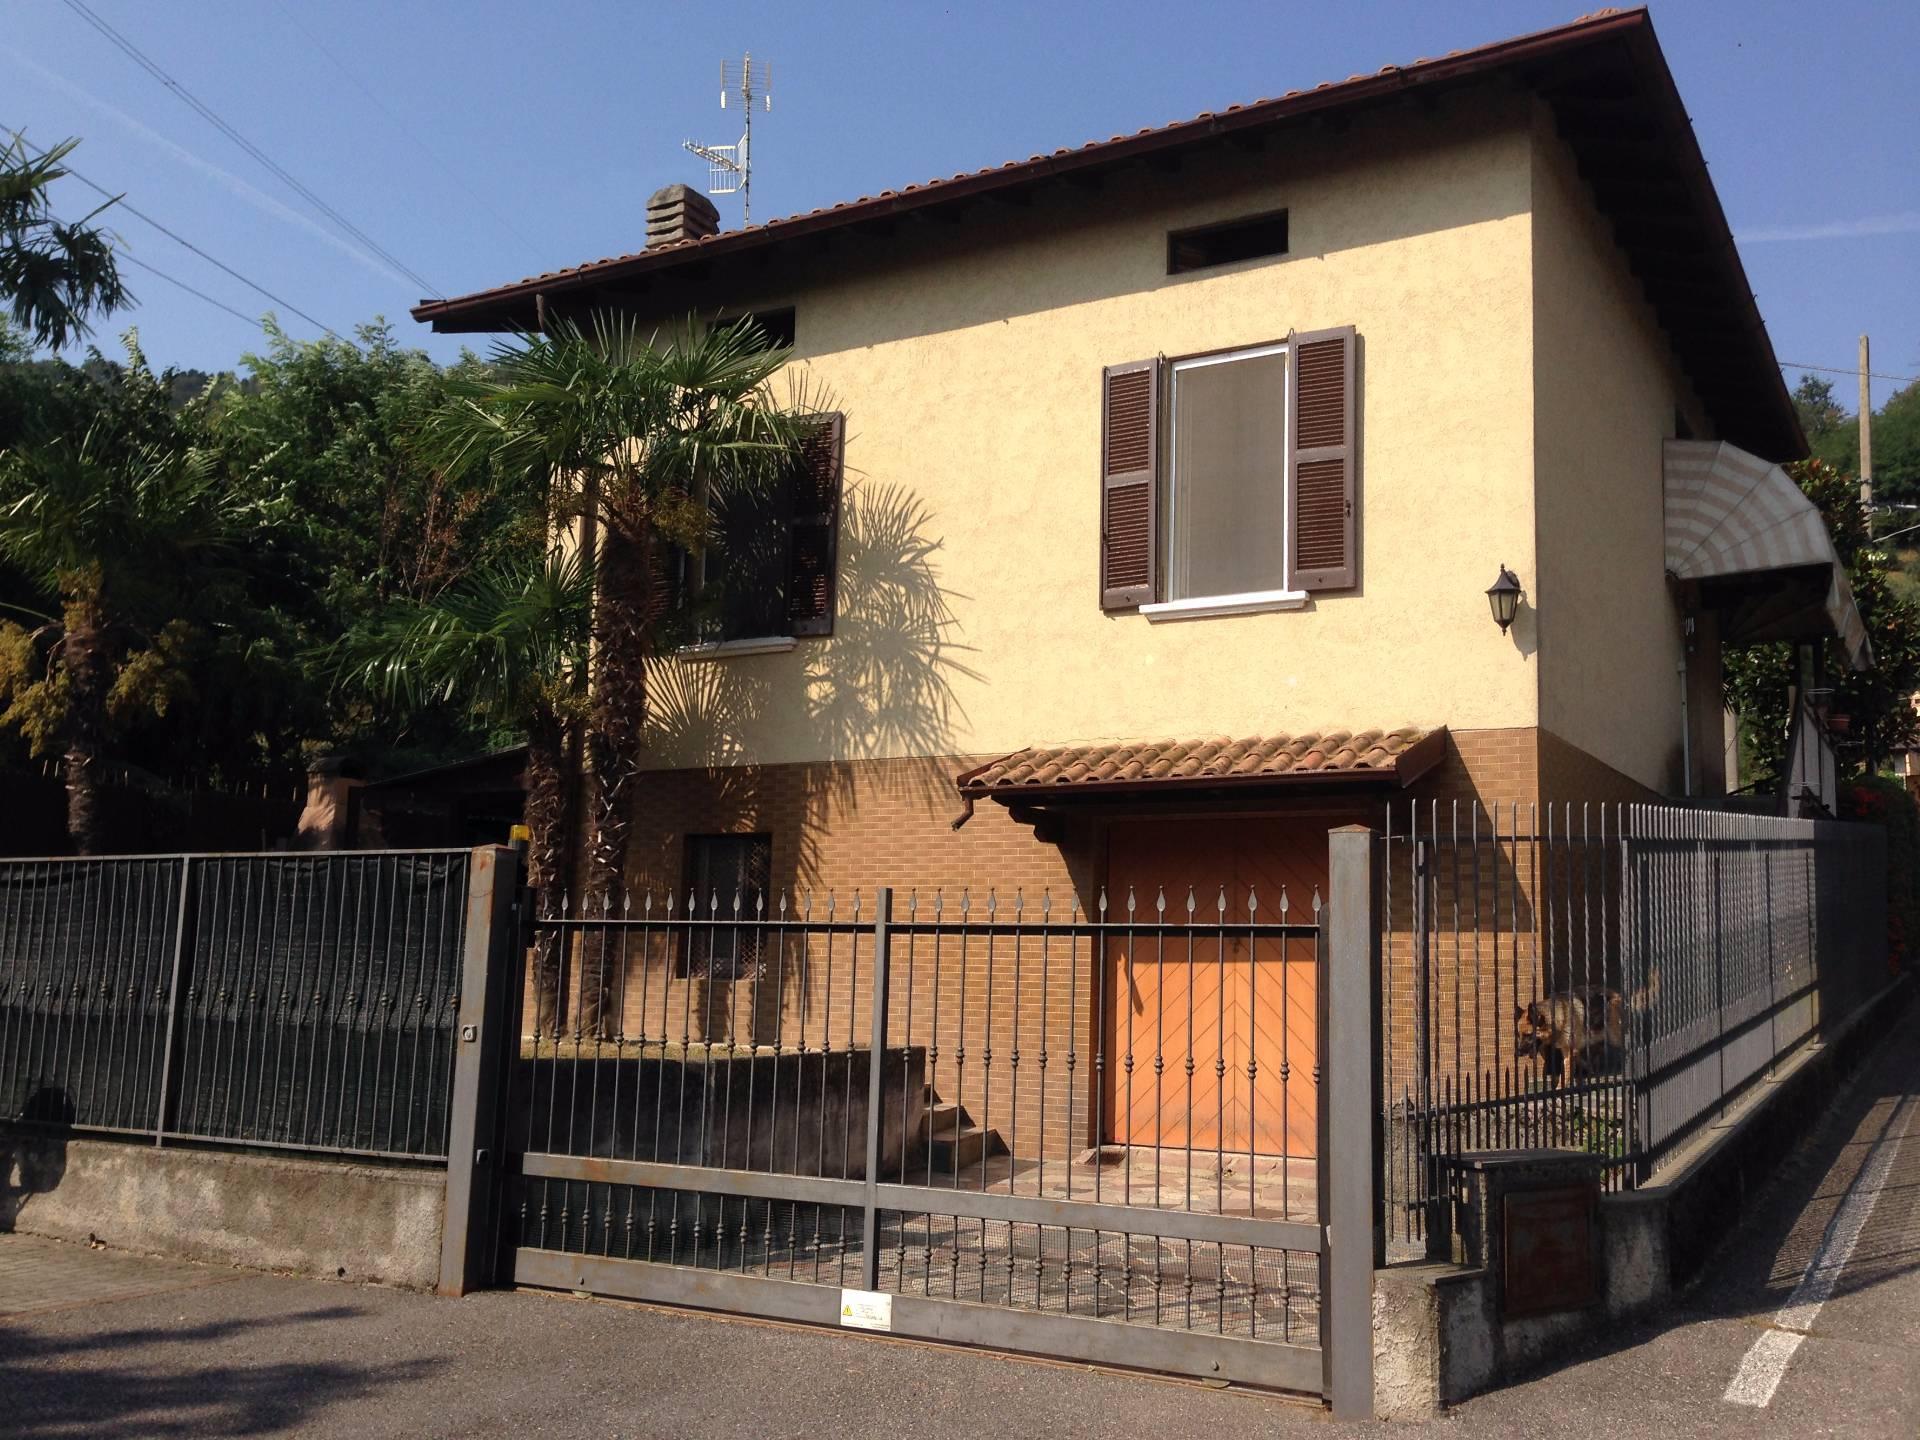 Villa in vendita a Valgreghentino, 3 locali, prezzo € 180.000 | Cambio Casa.it